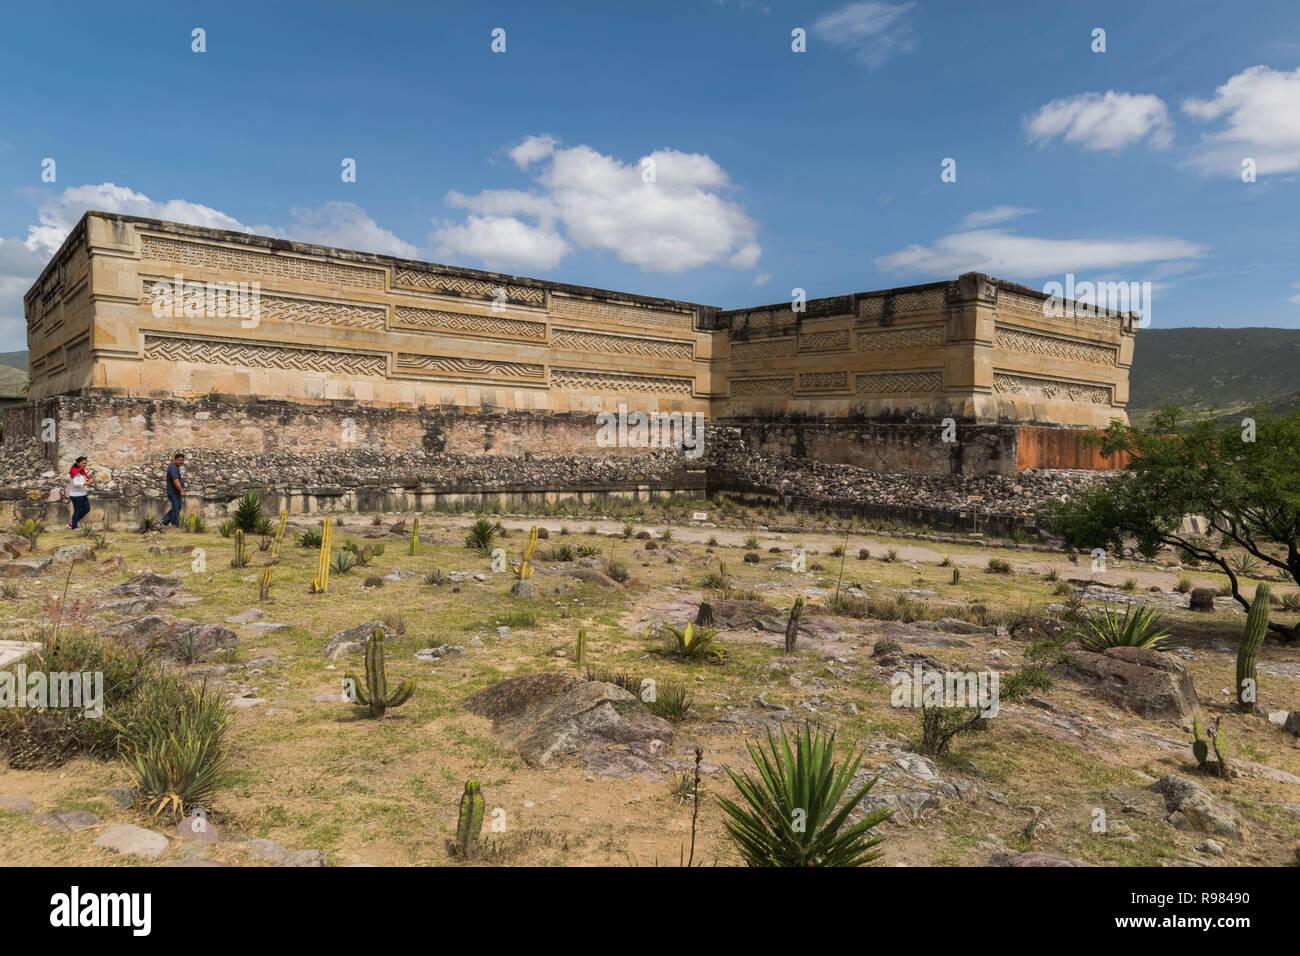 Ruinas de Mitla, con paisaje seco, muchos cactus y Un nublado cielo azul, en Oaxaca, México Imagen De Stock